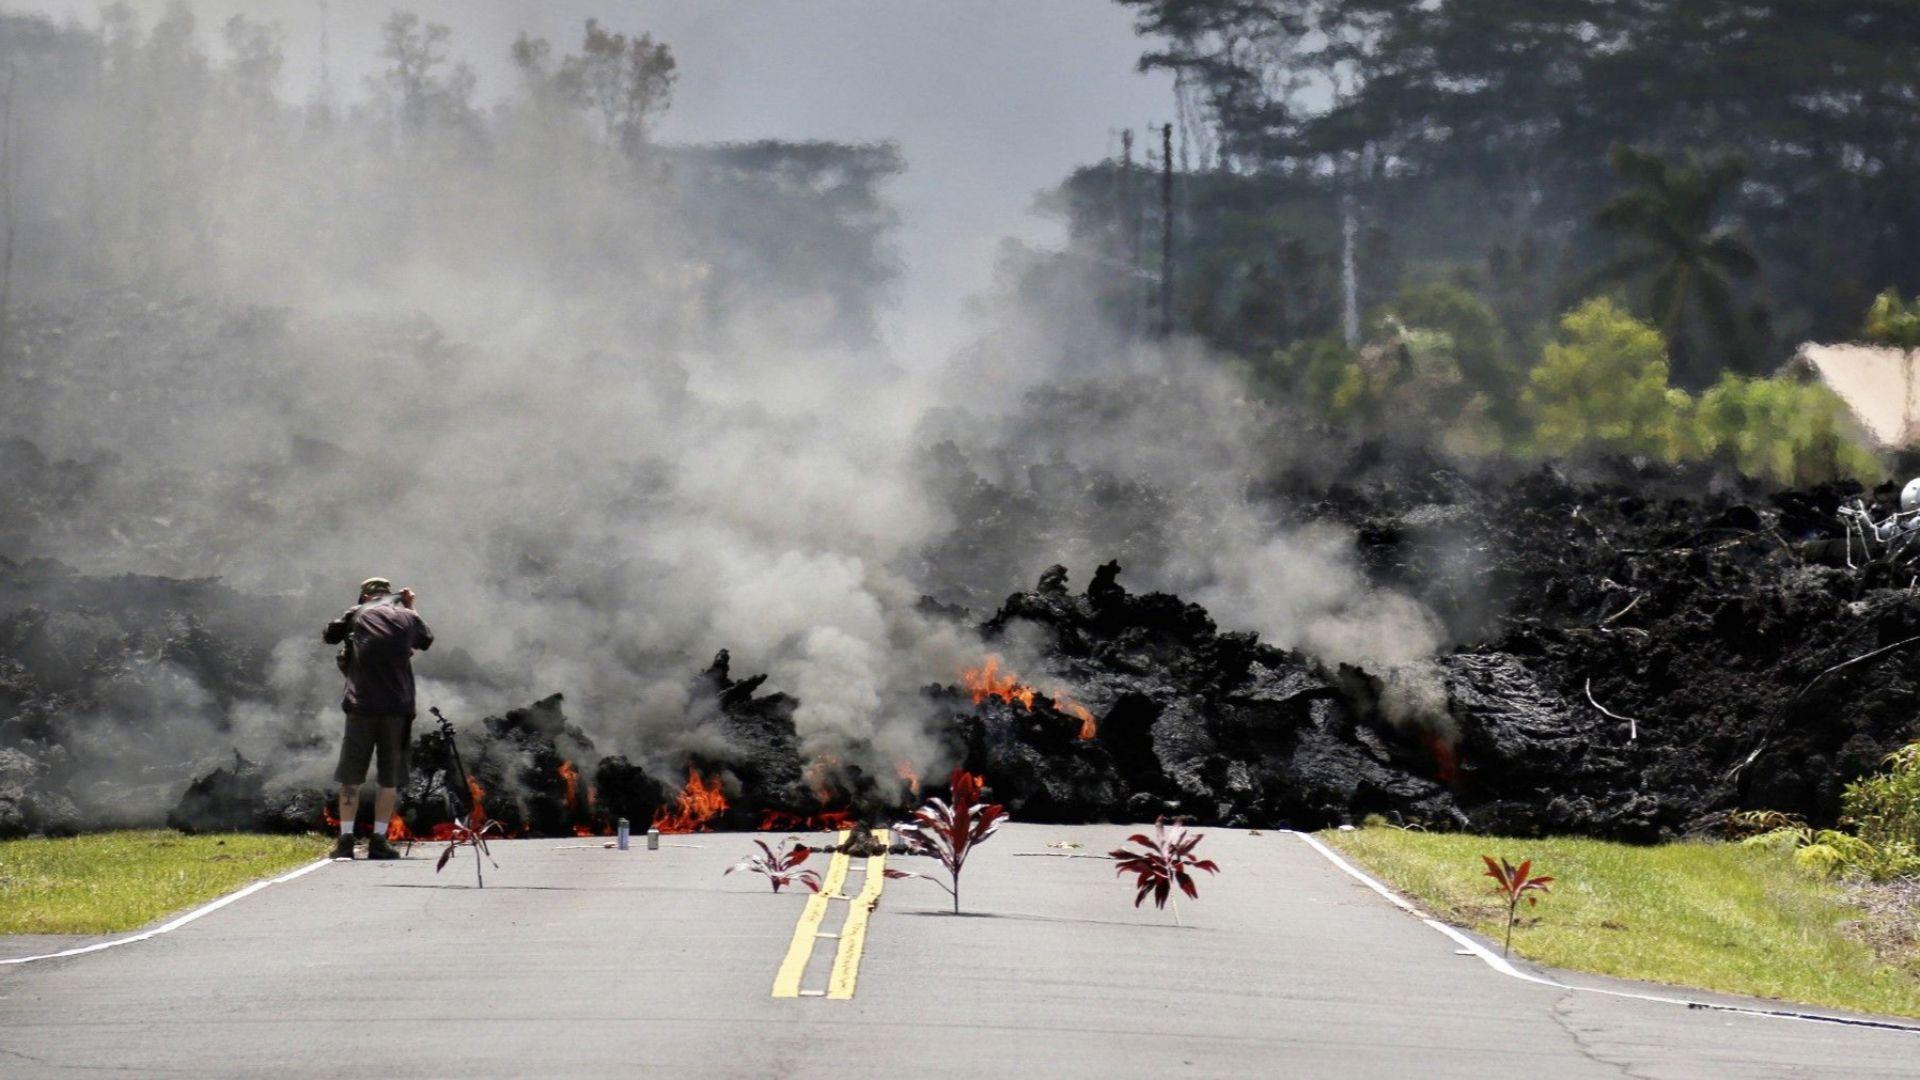 Външно министерство препоръчва да не се пътува в района на вулкана Килауеа